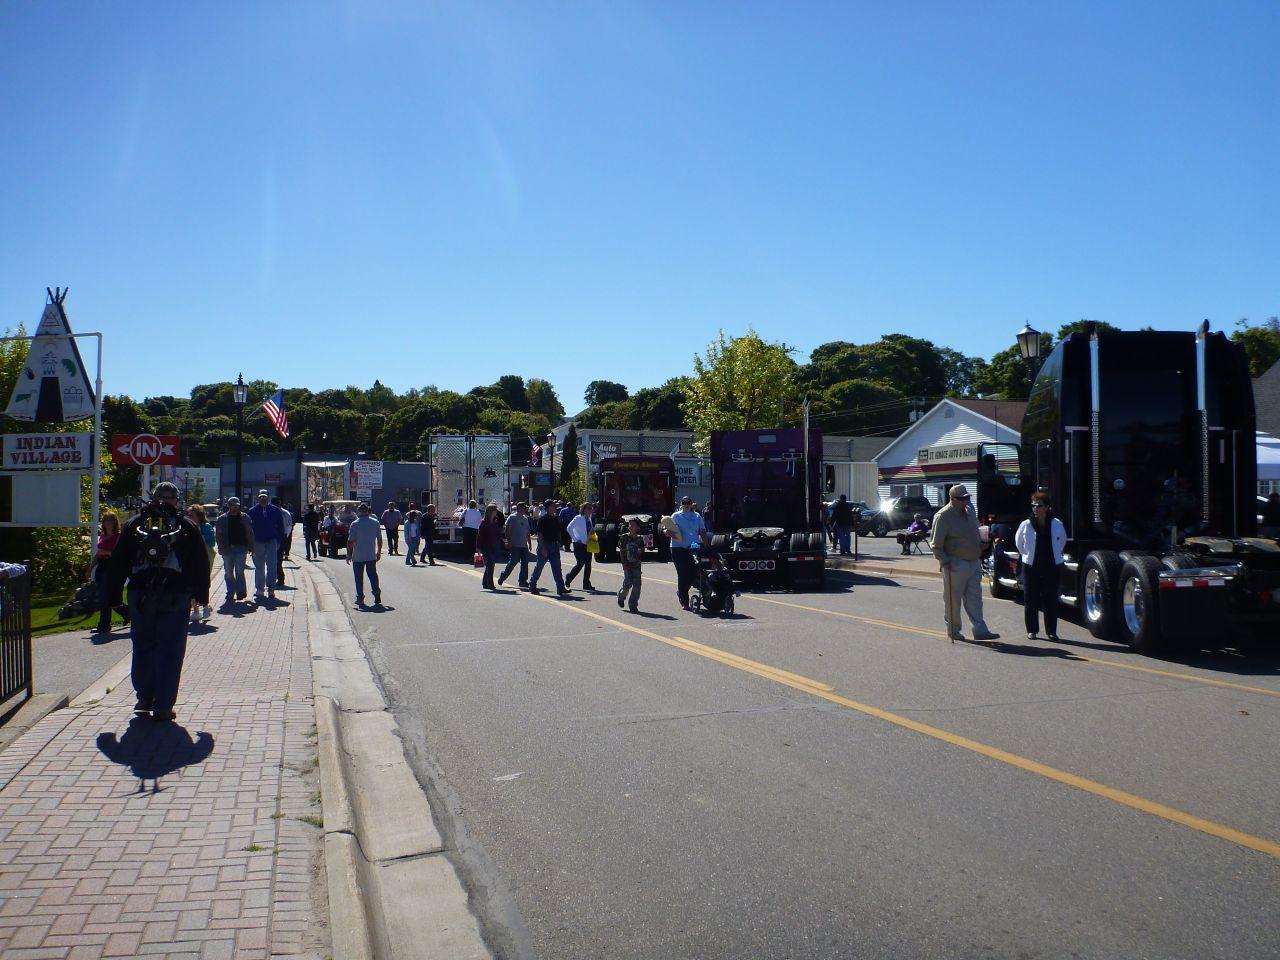 Show Trucks Lining The Streets Of St. Ignace, MI